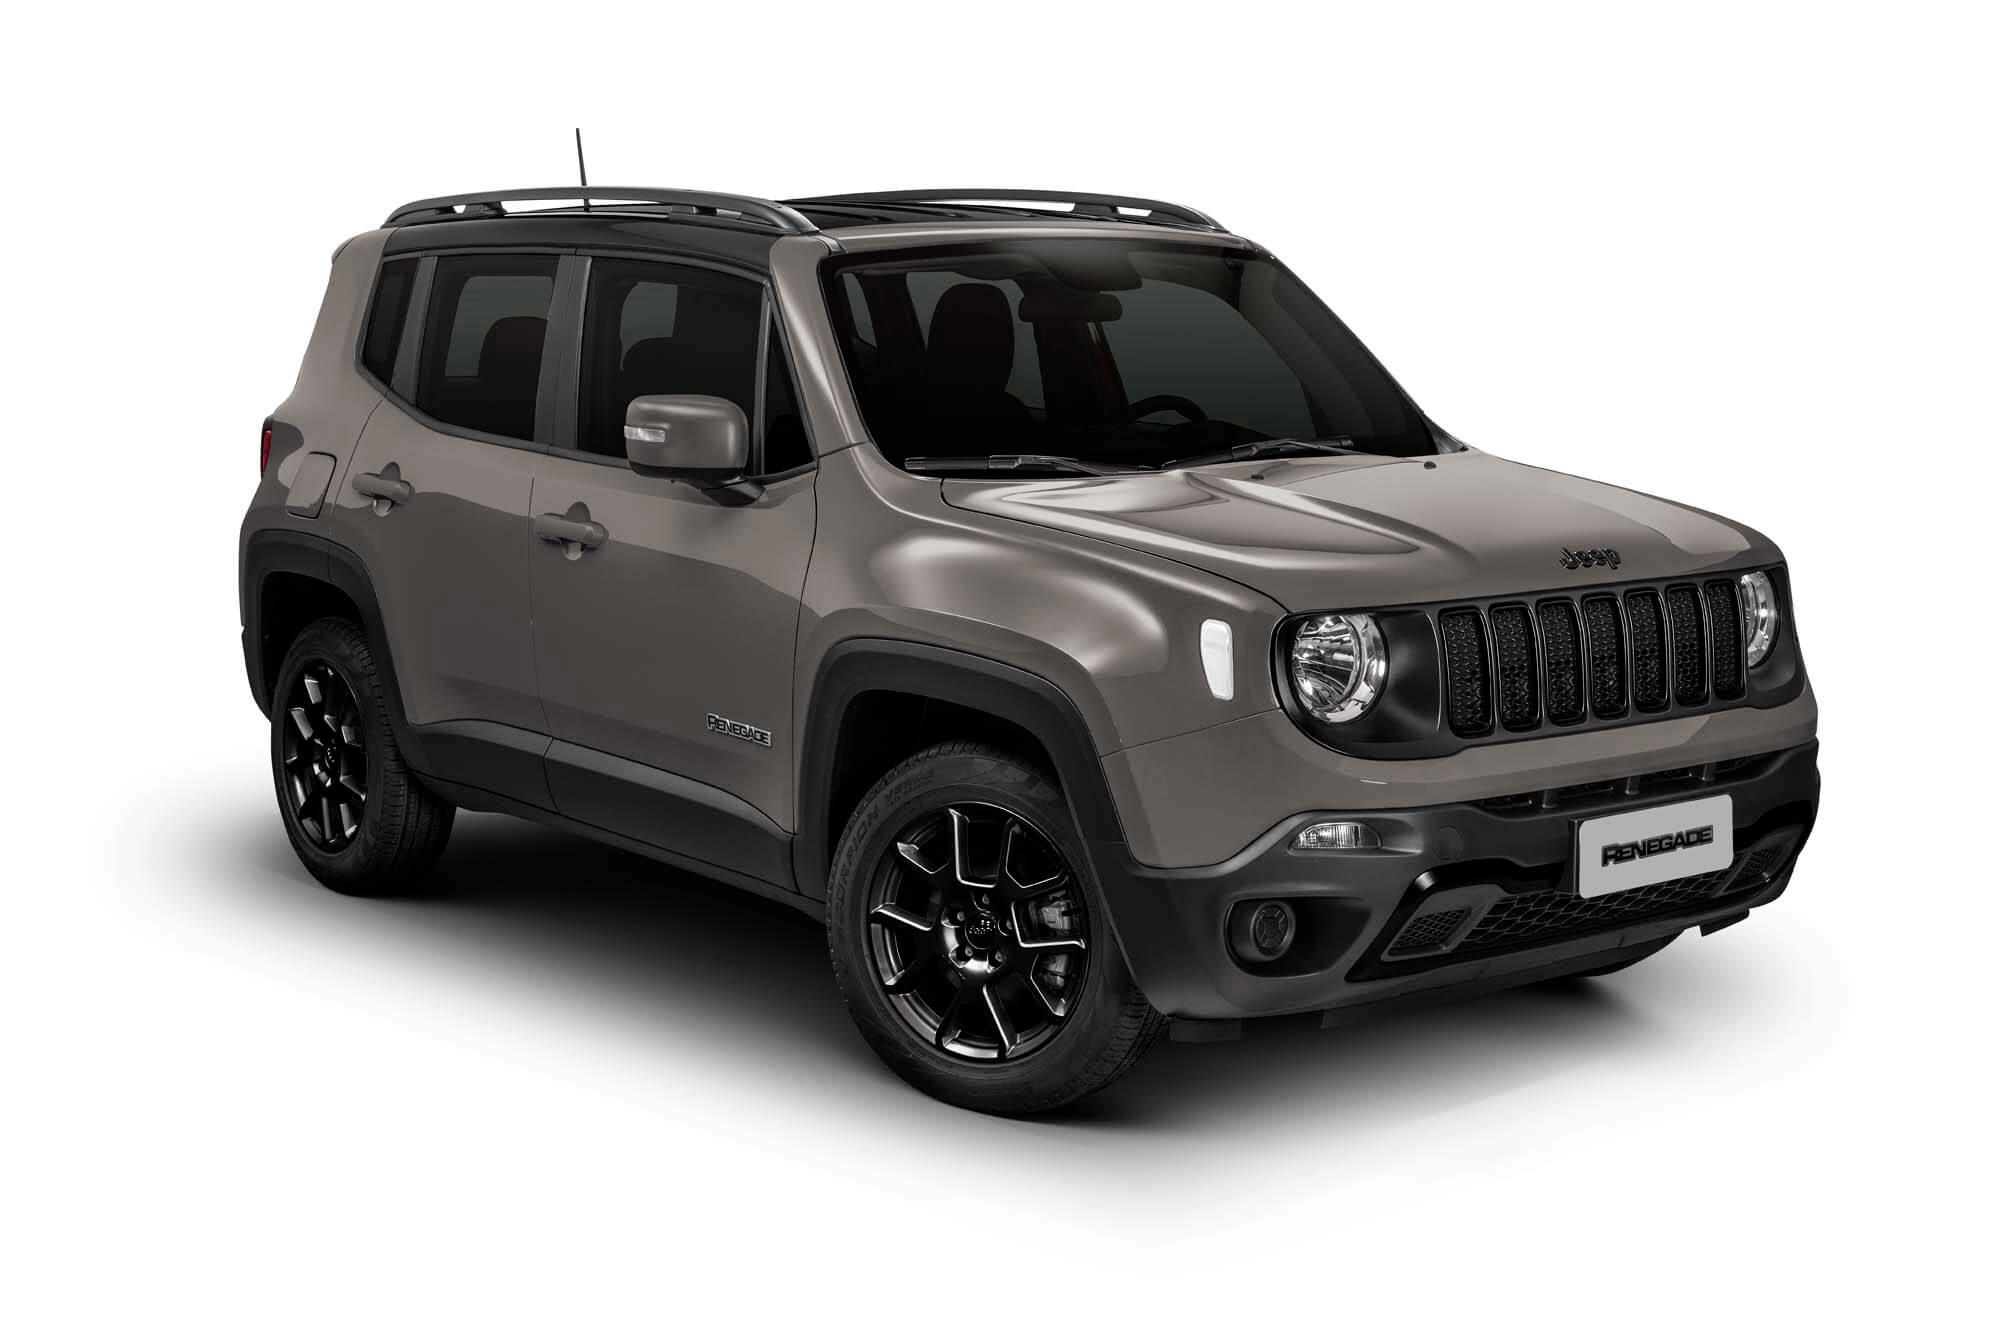 Jeep Renegade Sport na versão Night Eagle com pintura cinza e rodas escurecidas